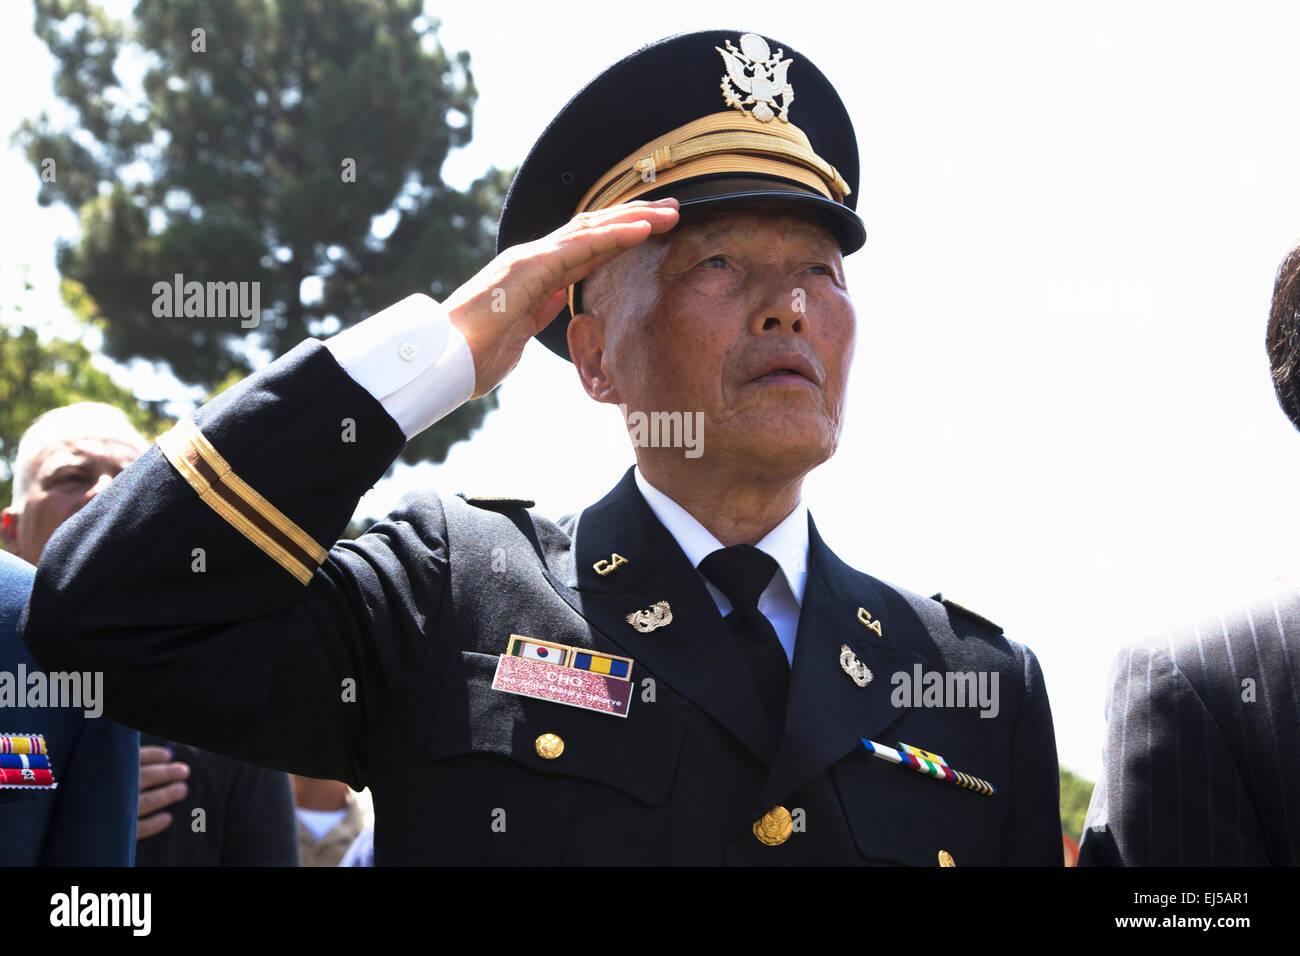 Veteran Salute Saluting Milita...